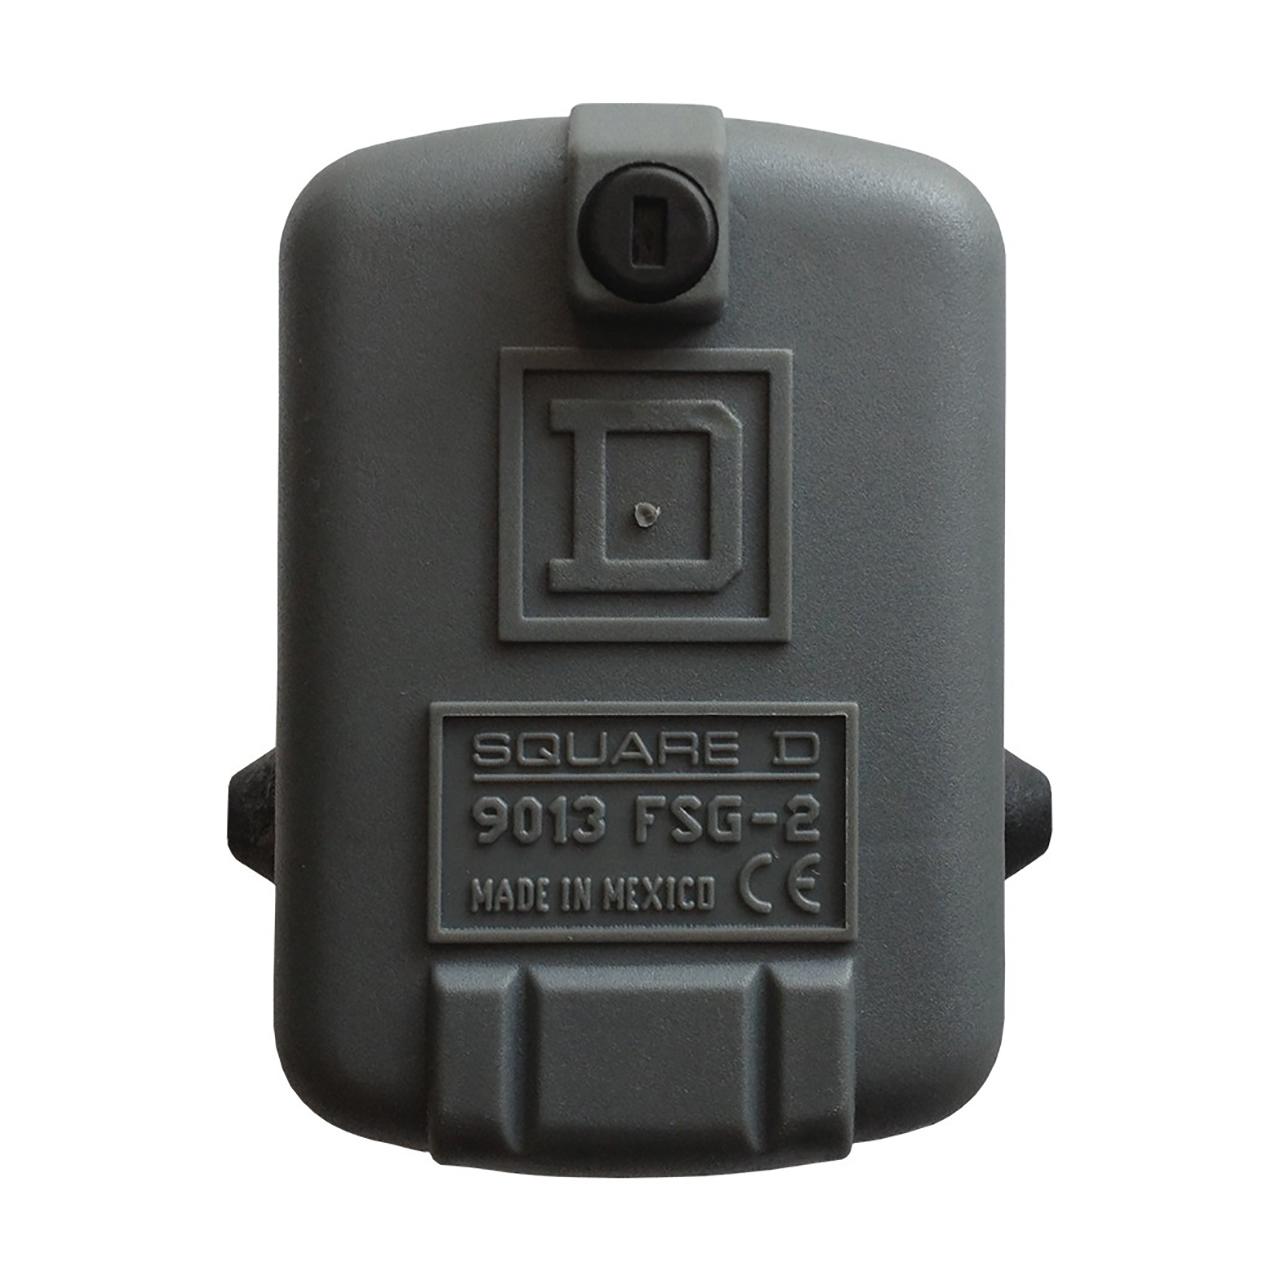 كليد اتوماتيك پمپ آب اسكوار دي مدل FSG-2